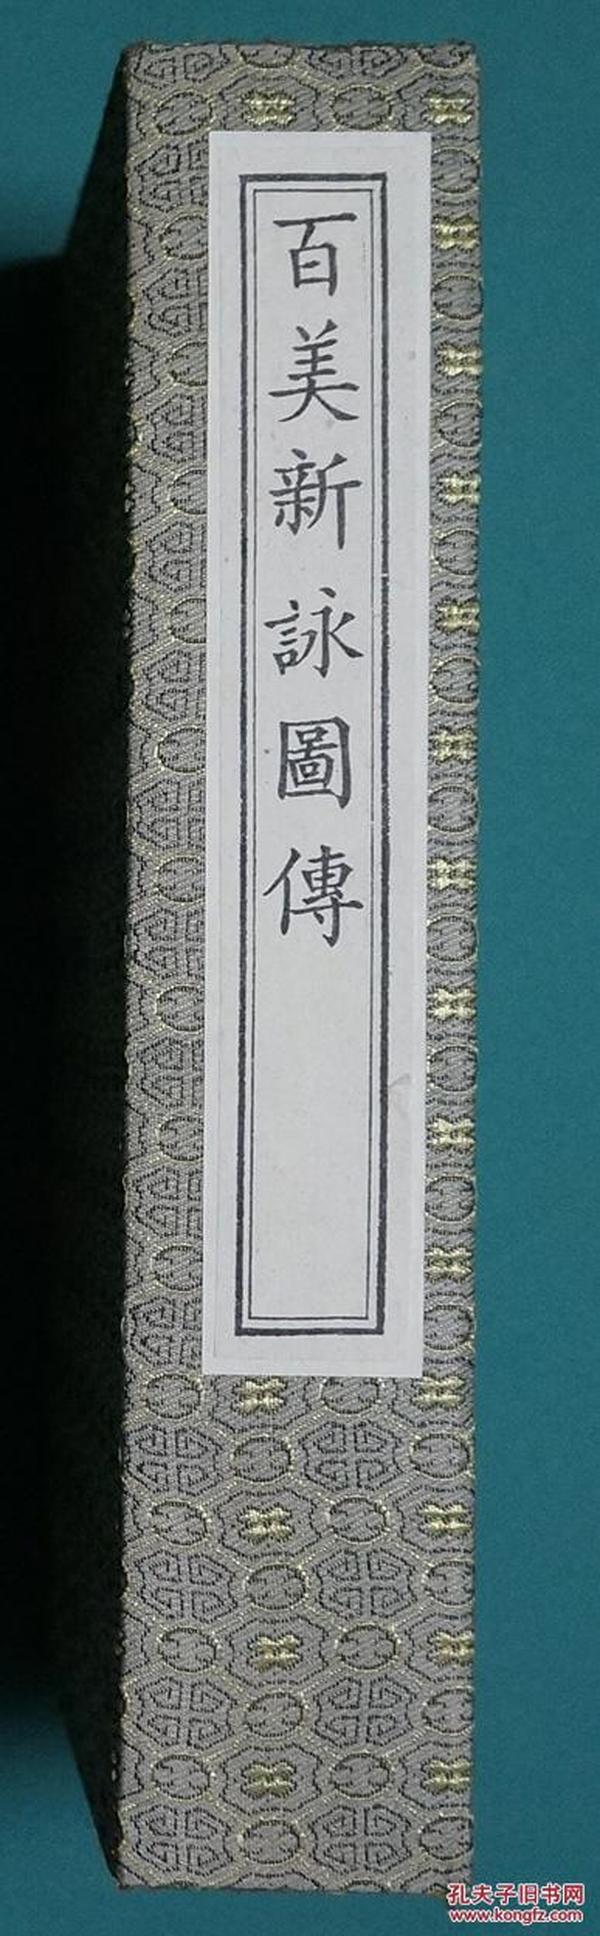 百美新咏图传—蓝印本 (中国书店1998年影印)